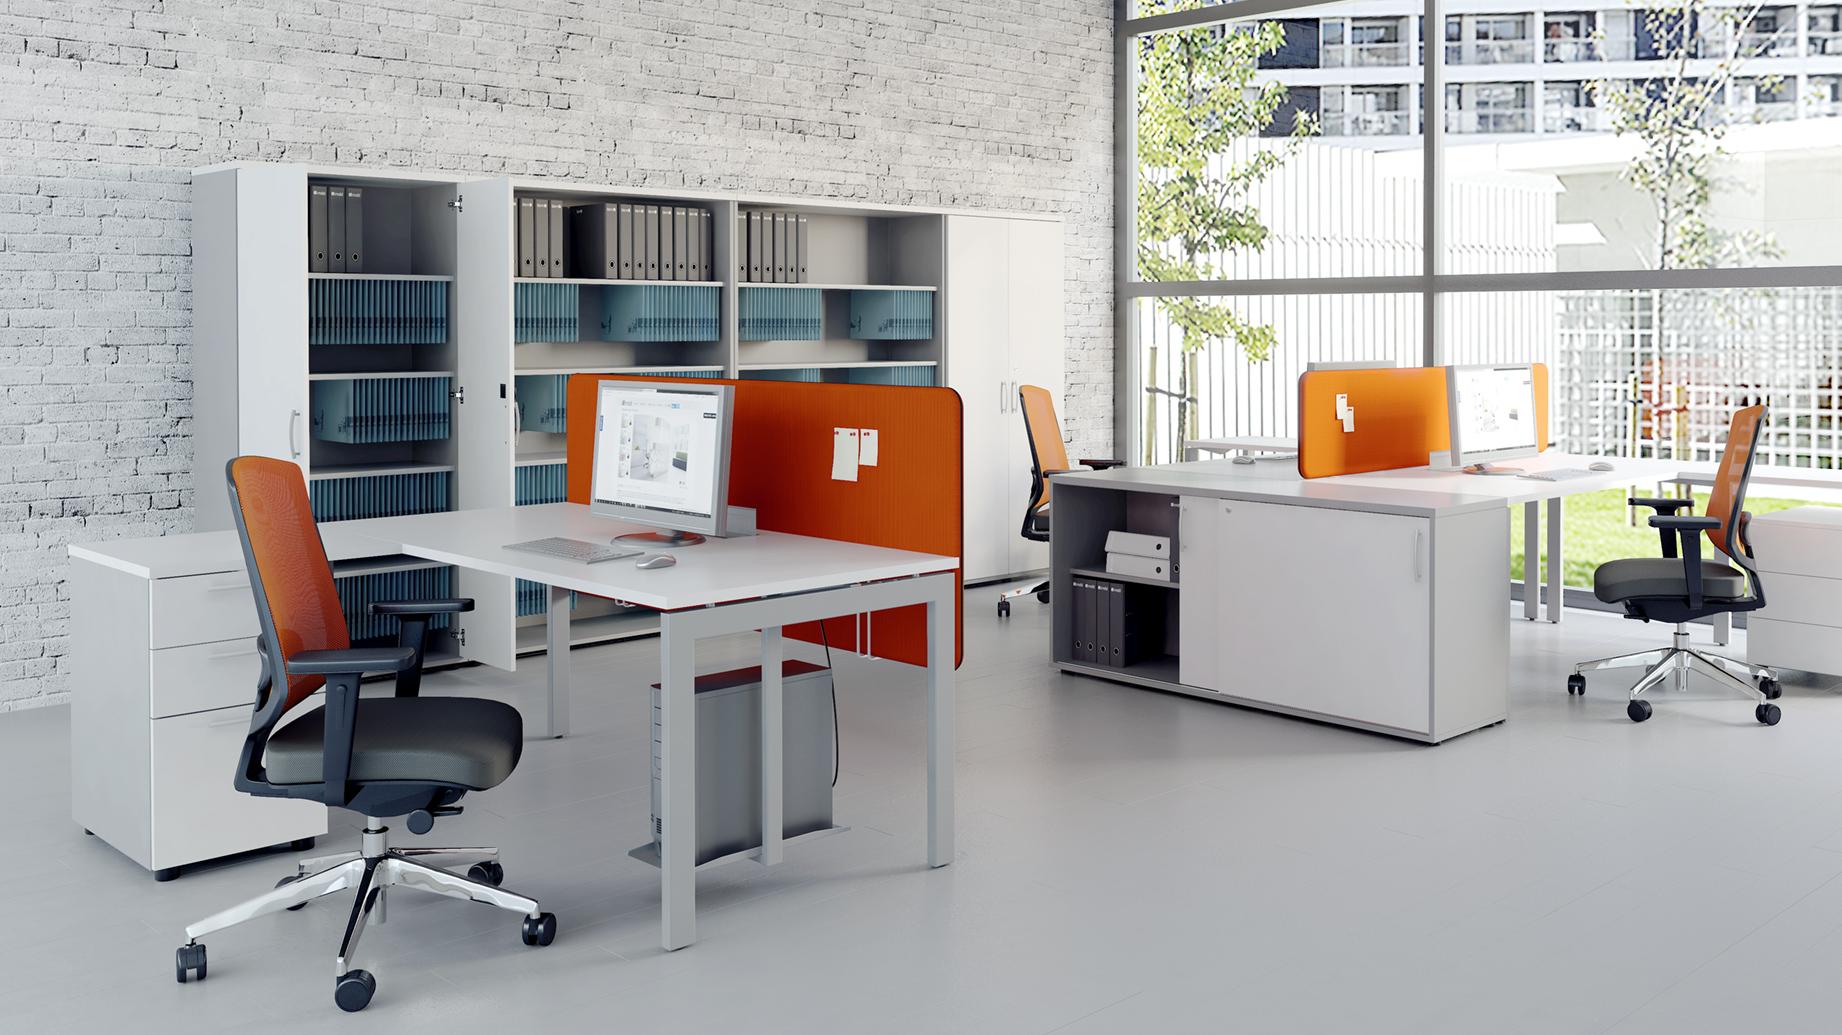 STOCK Büroeinrichtungen - Büroausstattung und Büromöbel nach Maß